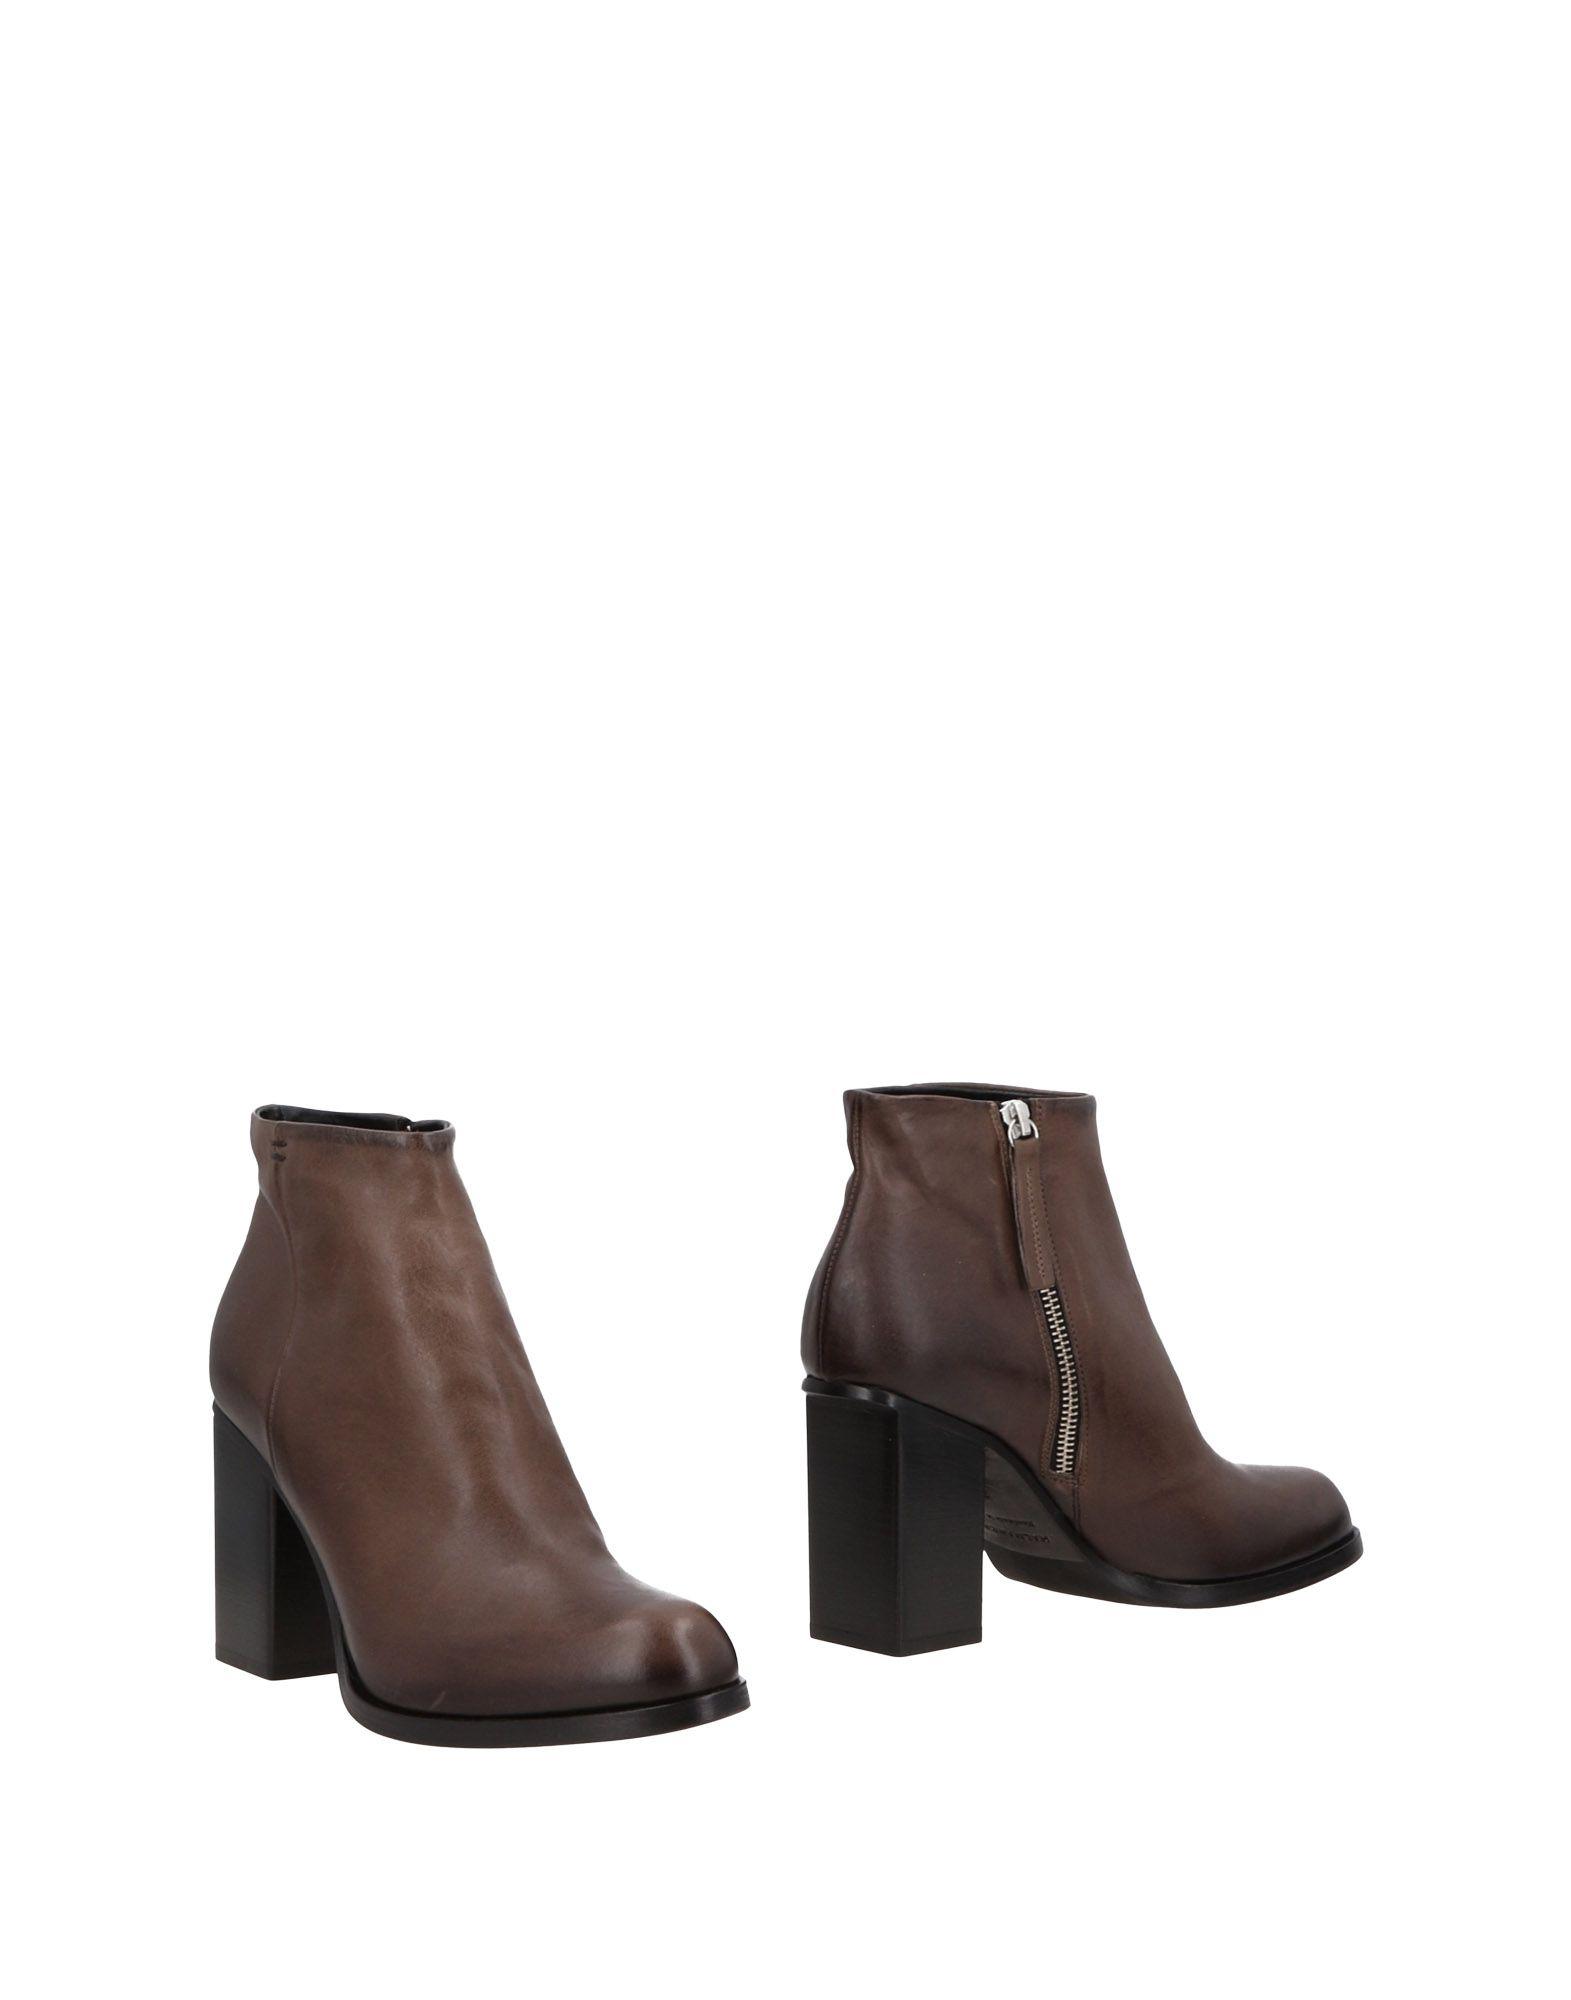 Halmanera Stiefelette strapazierfähige Damen  11494102TDGut aussehende strapazierfähige Stiefelette Schuhe fbdab2